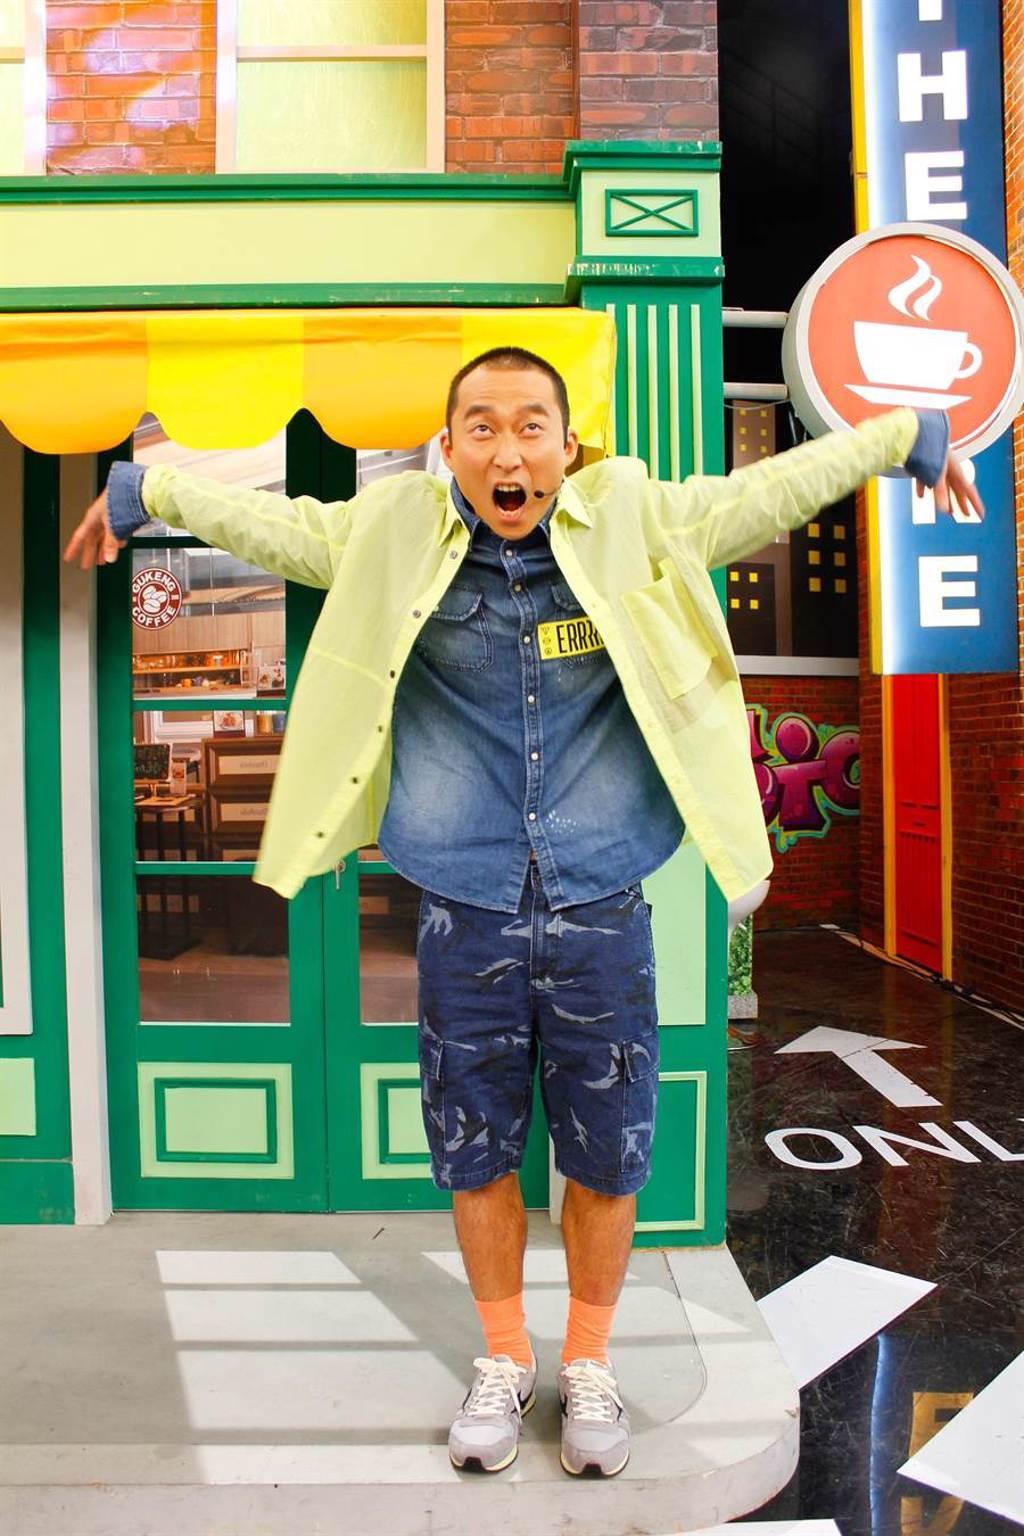 浩子今錄影表示暑假陪孩子們全台玩透透。(衛視中文台提供)